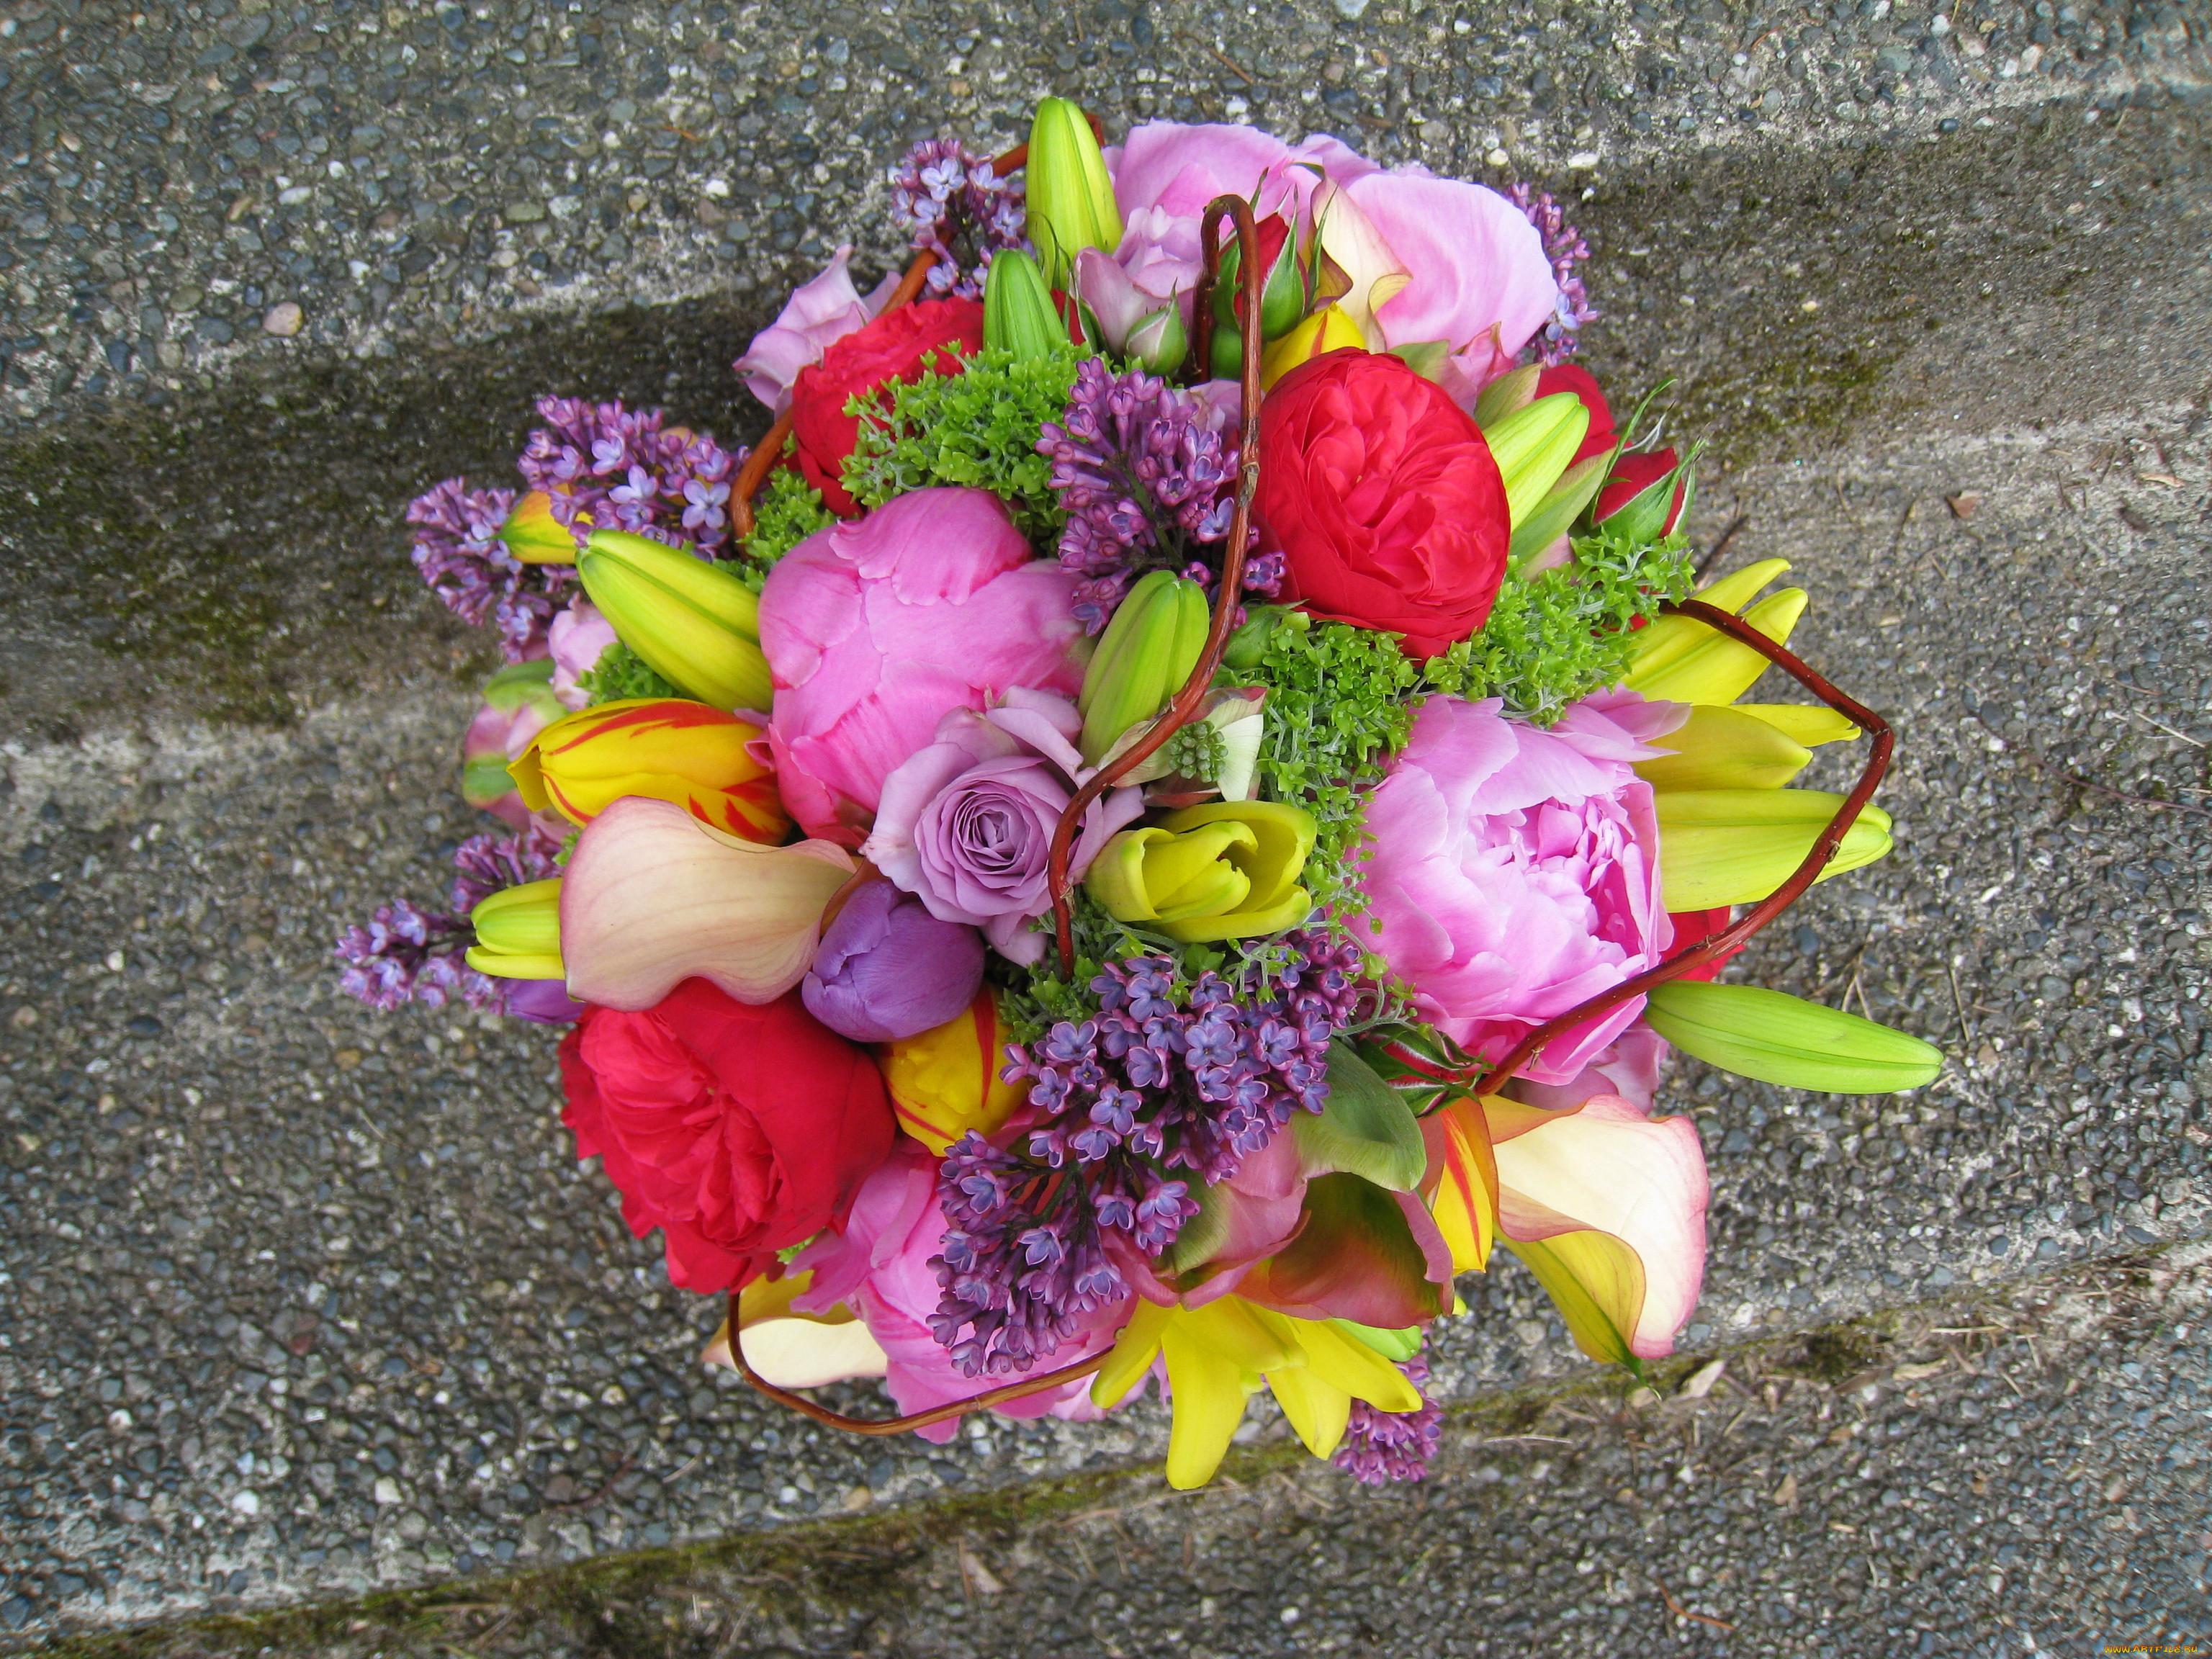 Обои цветы, букеты, , композиции, весна, тюльпаны, чашка, ваза, натюрморт, сирень  картинки на рабочий стол, скачать бесплатно. | 2304x3072